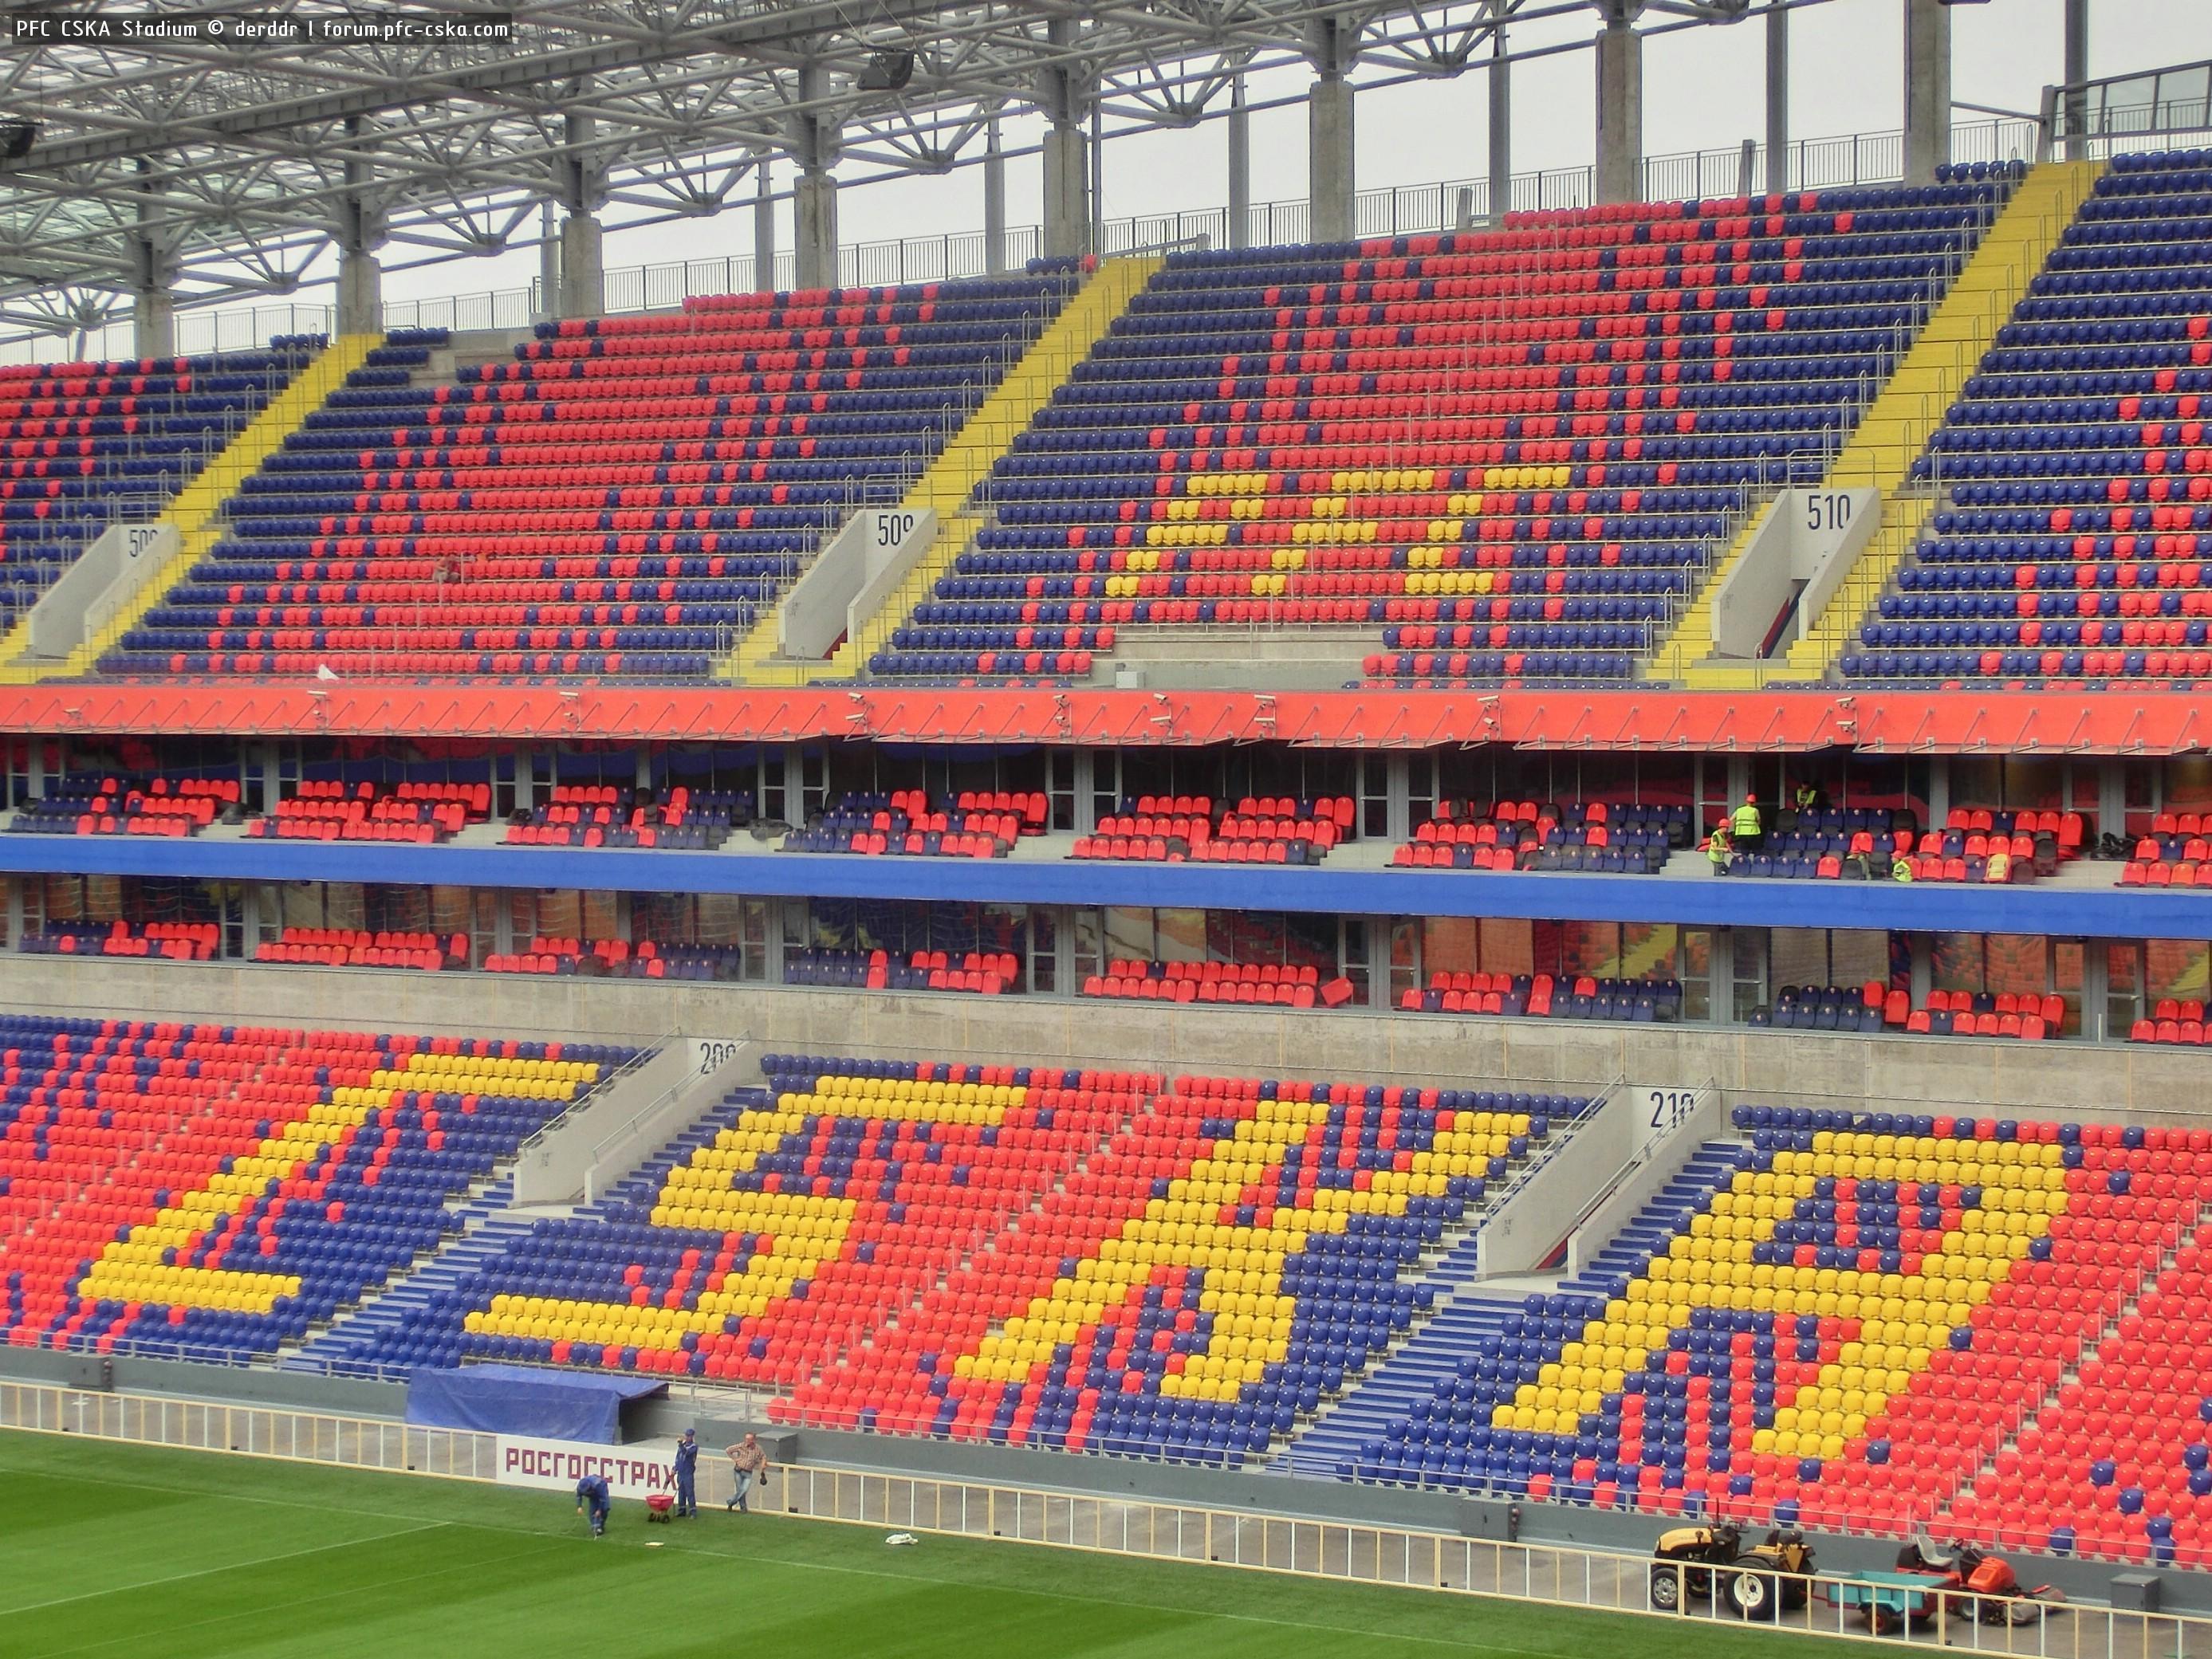 pfccska_stadium_06